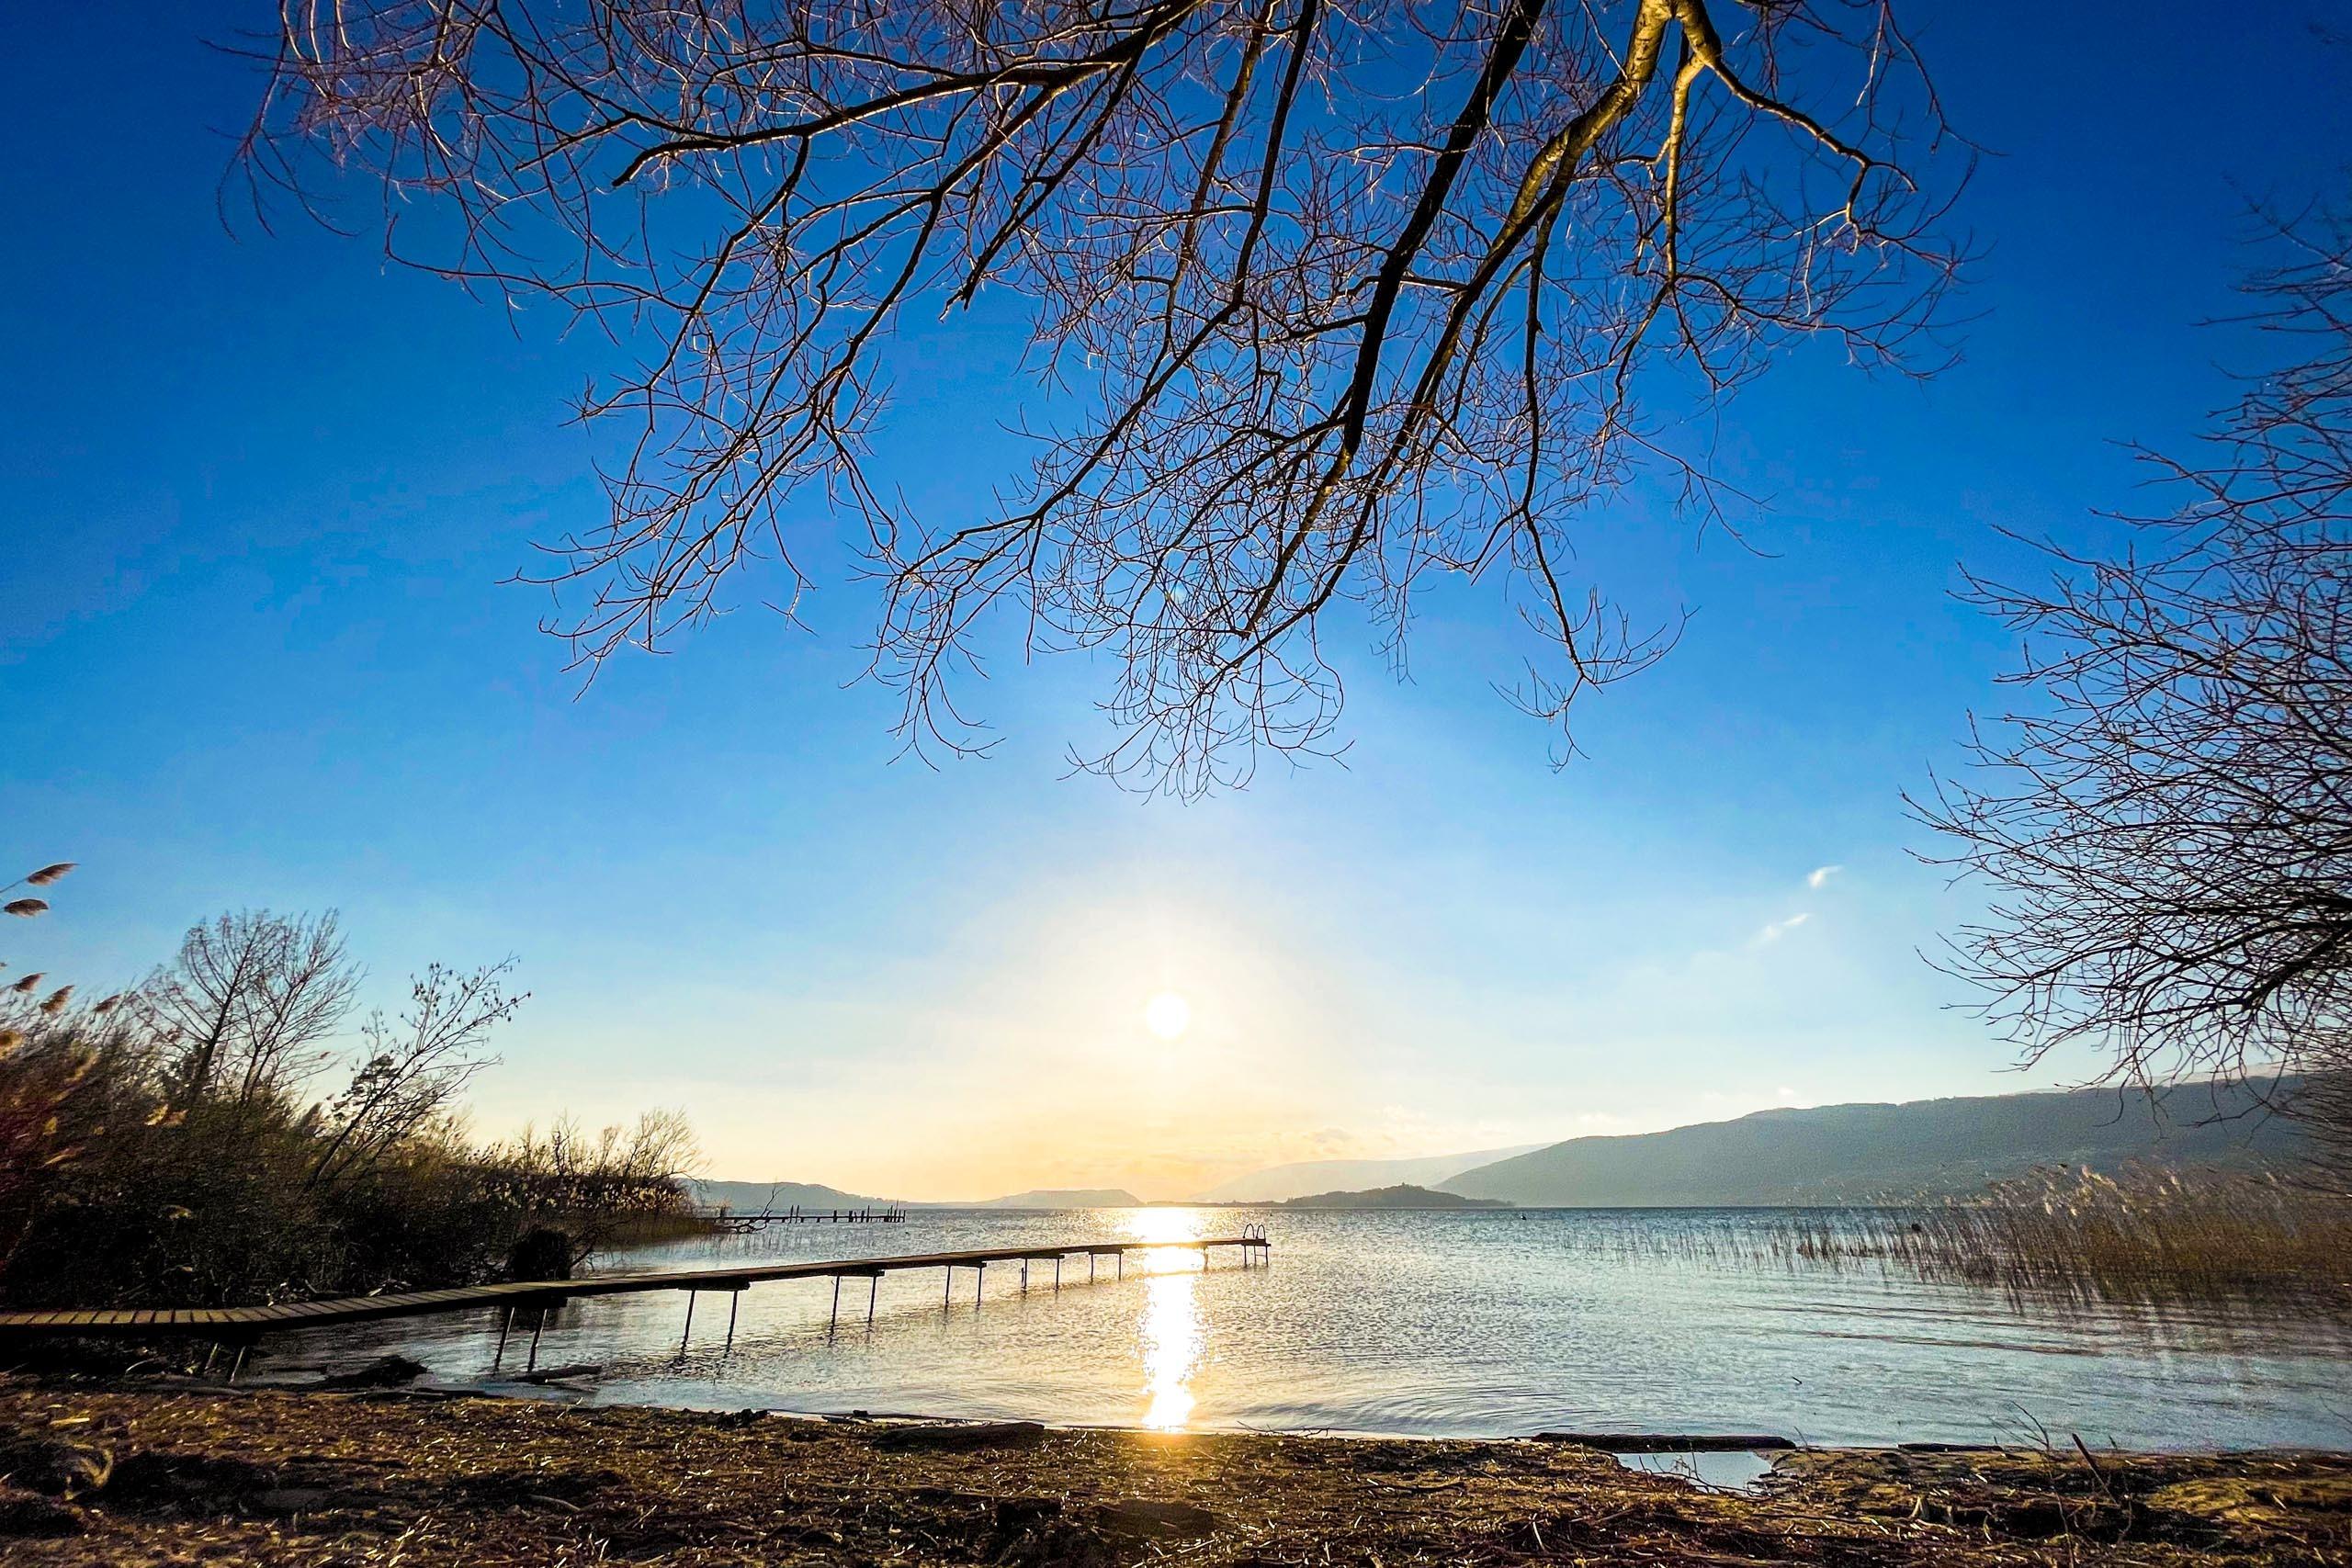 Lake Biel at Mörigen